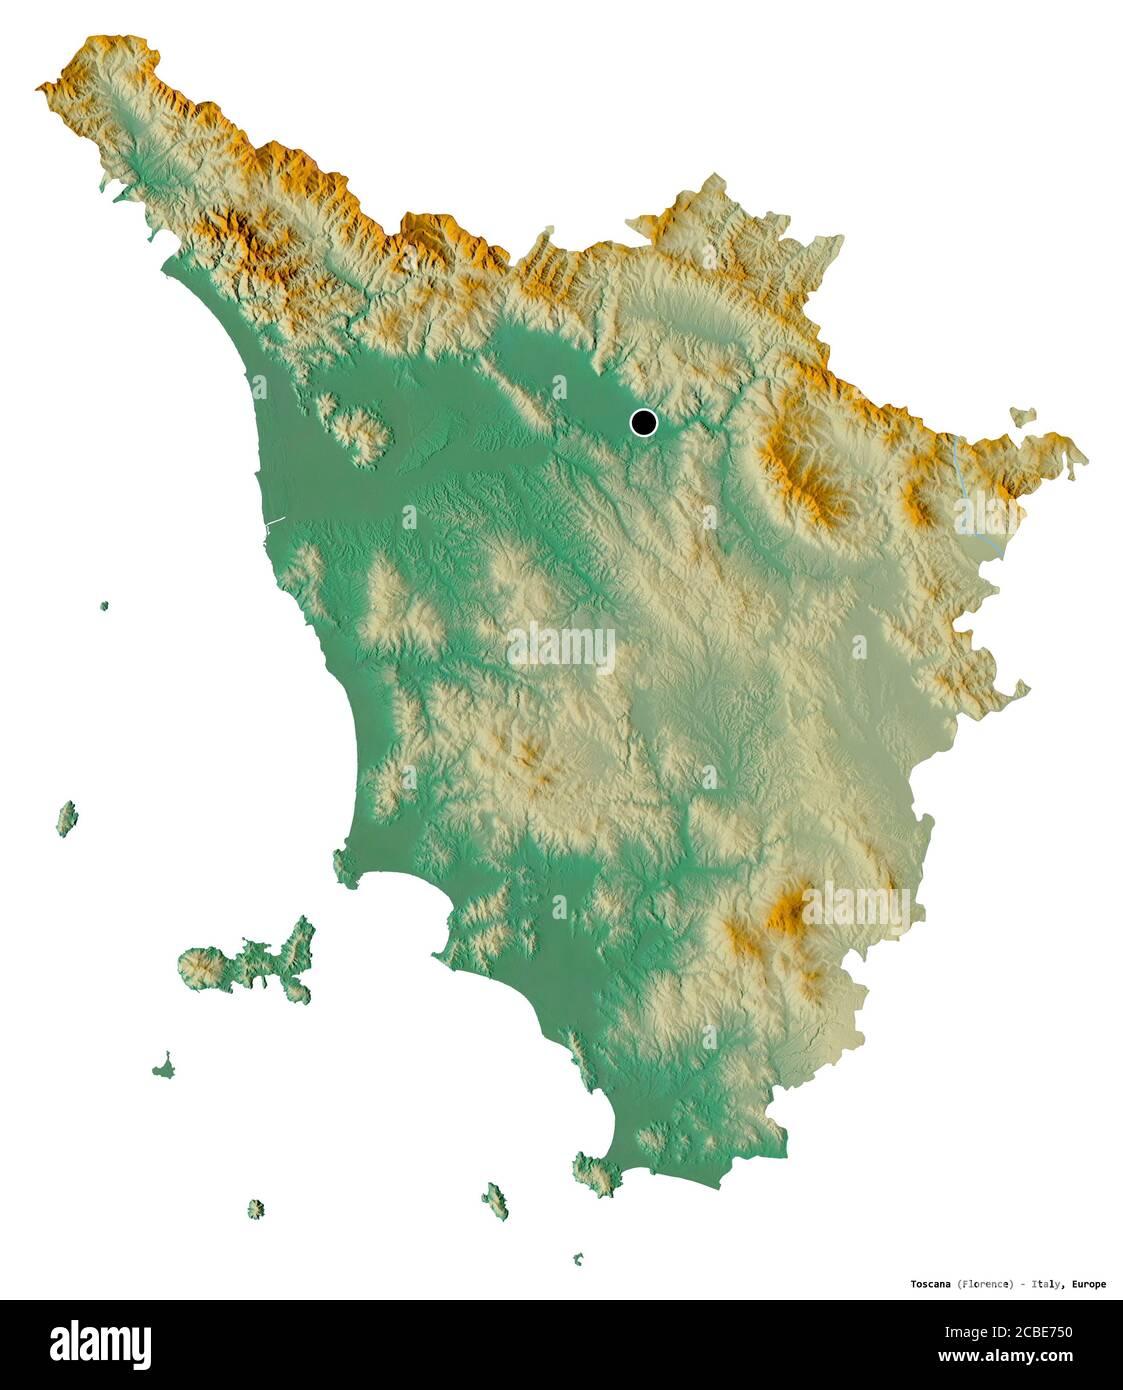 Cartina Geografica Immagini Della Toscana.Mappa Della Regione Toscana Immagini E Fotos Stock Alamy